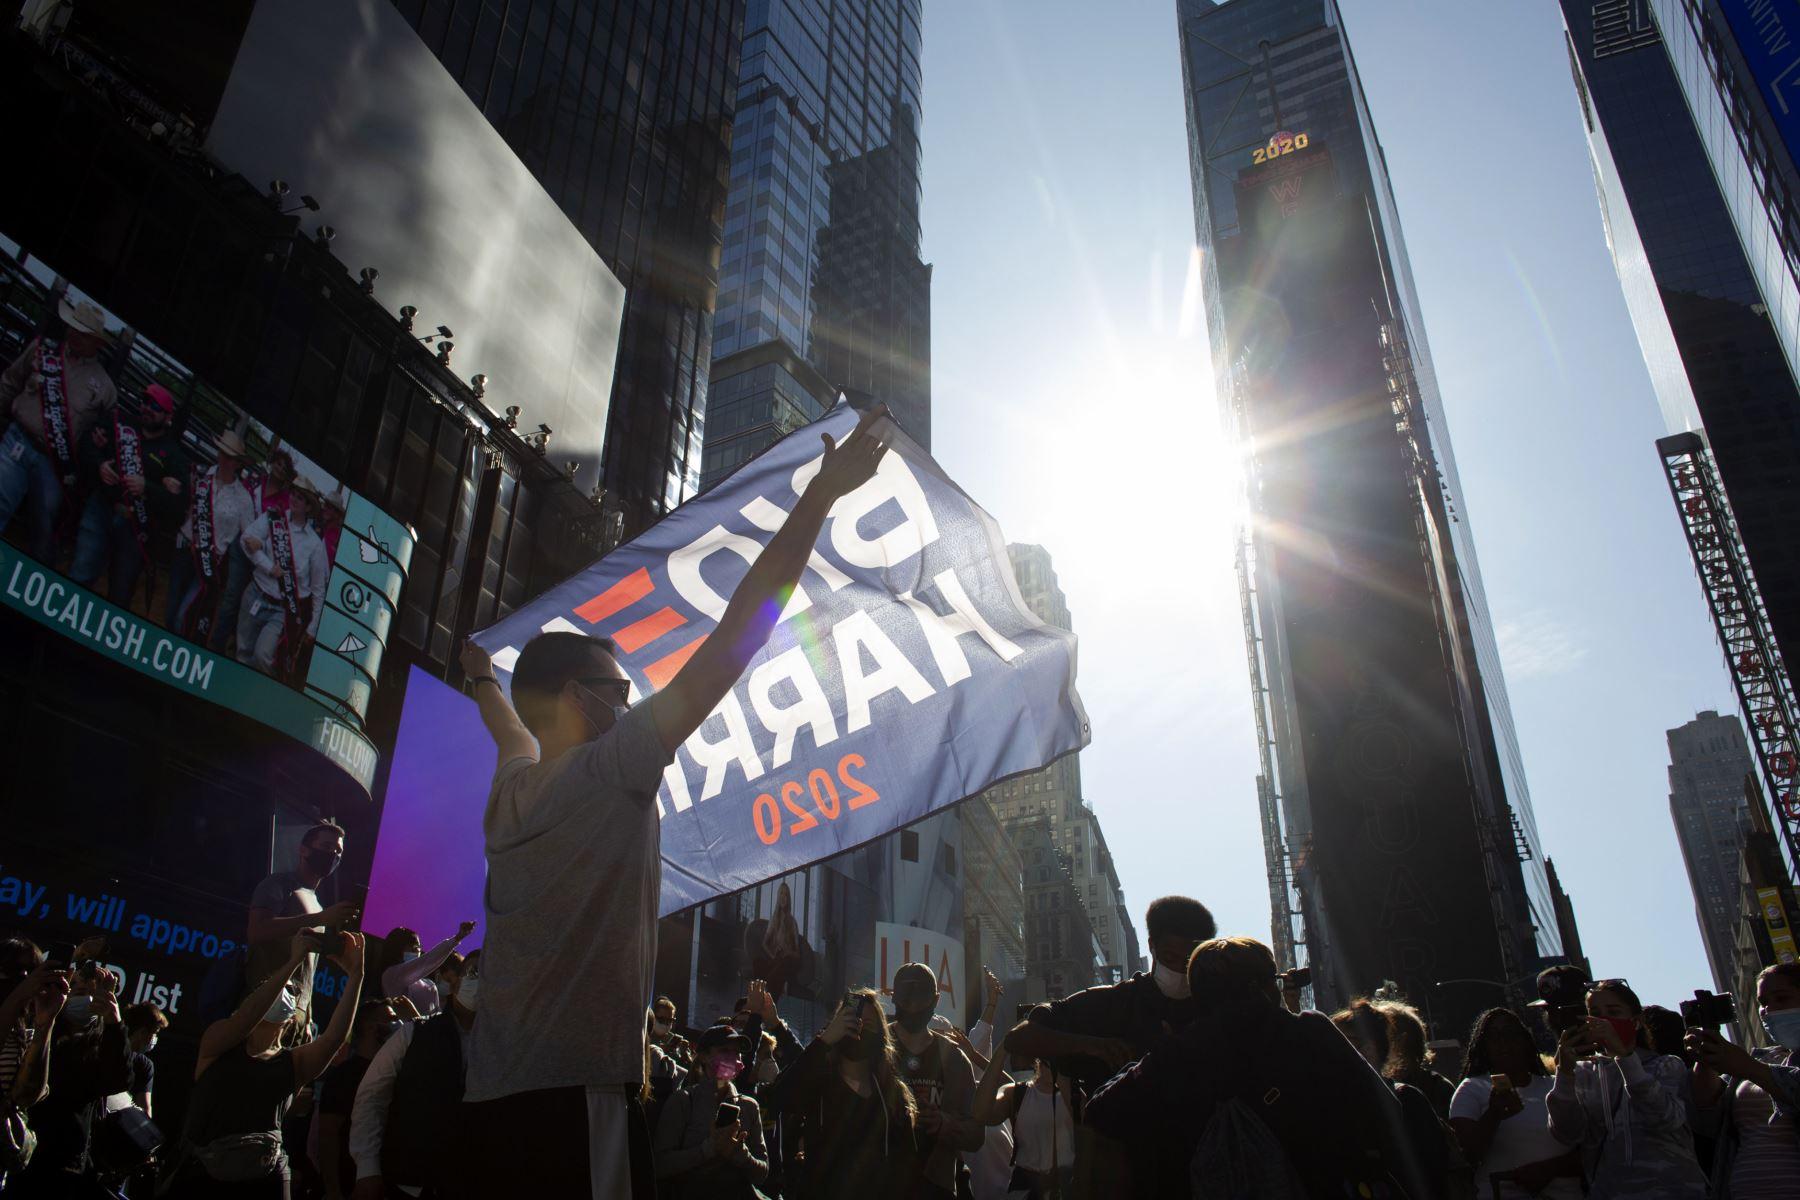 La gente celebra en Nueva York, después de que Joe Biden fuera declarado ganador de las elecciones presidenciales de 2020. Foto: AFP